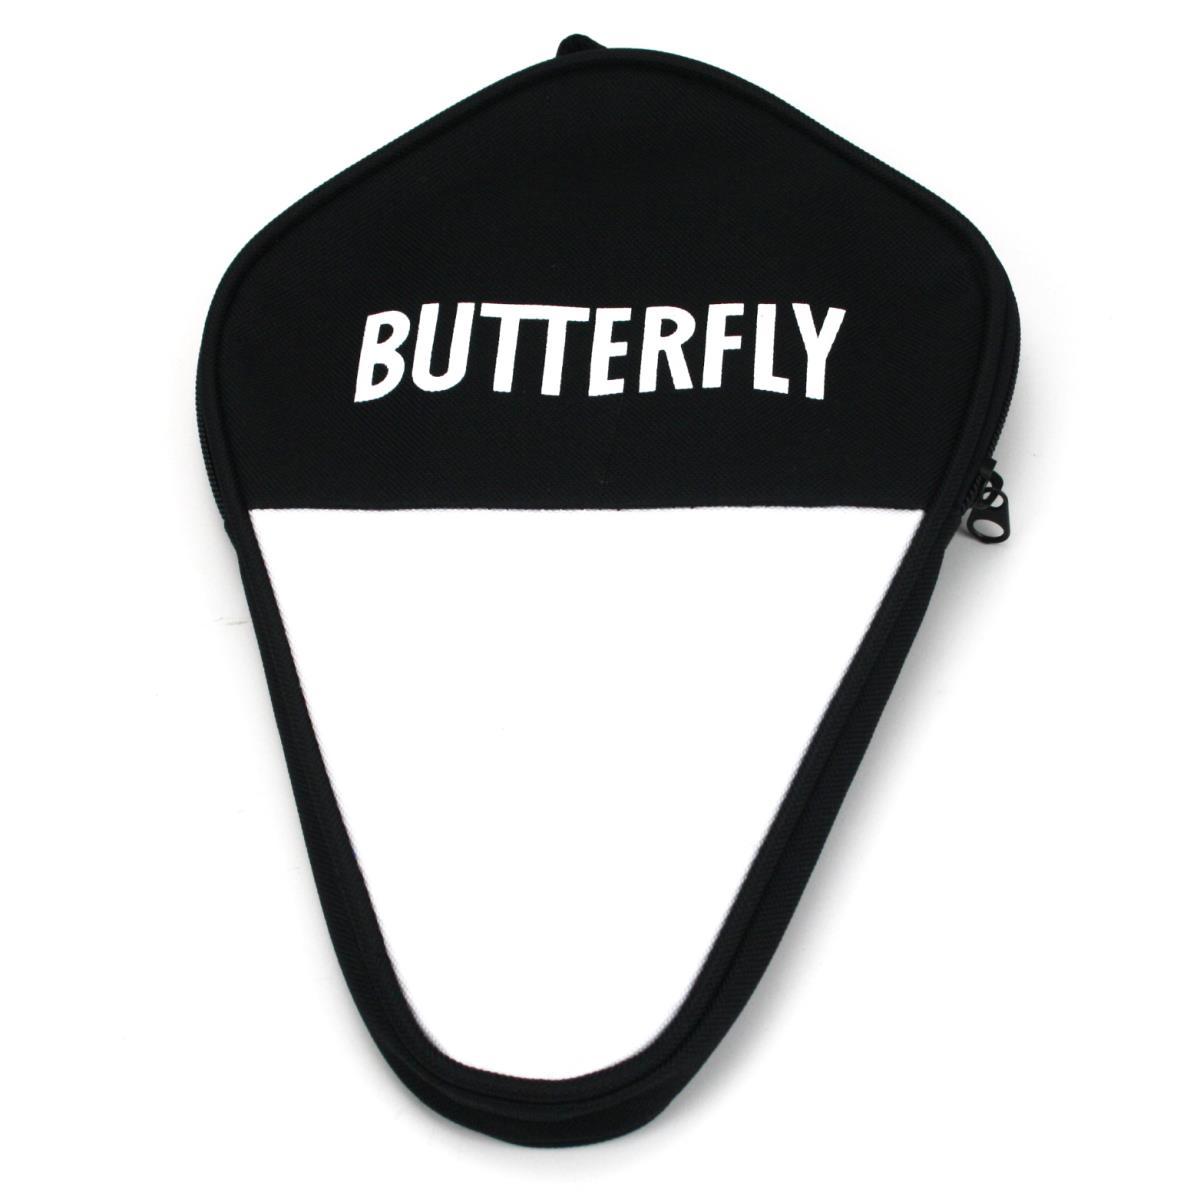 Butterfly Cell 85112 Tischtennishülle Profi Schlägerhülle Tischtennis TT Hülle,Butterfly,000051368884, 4001078851125